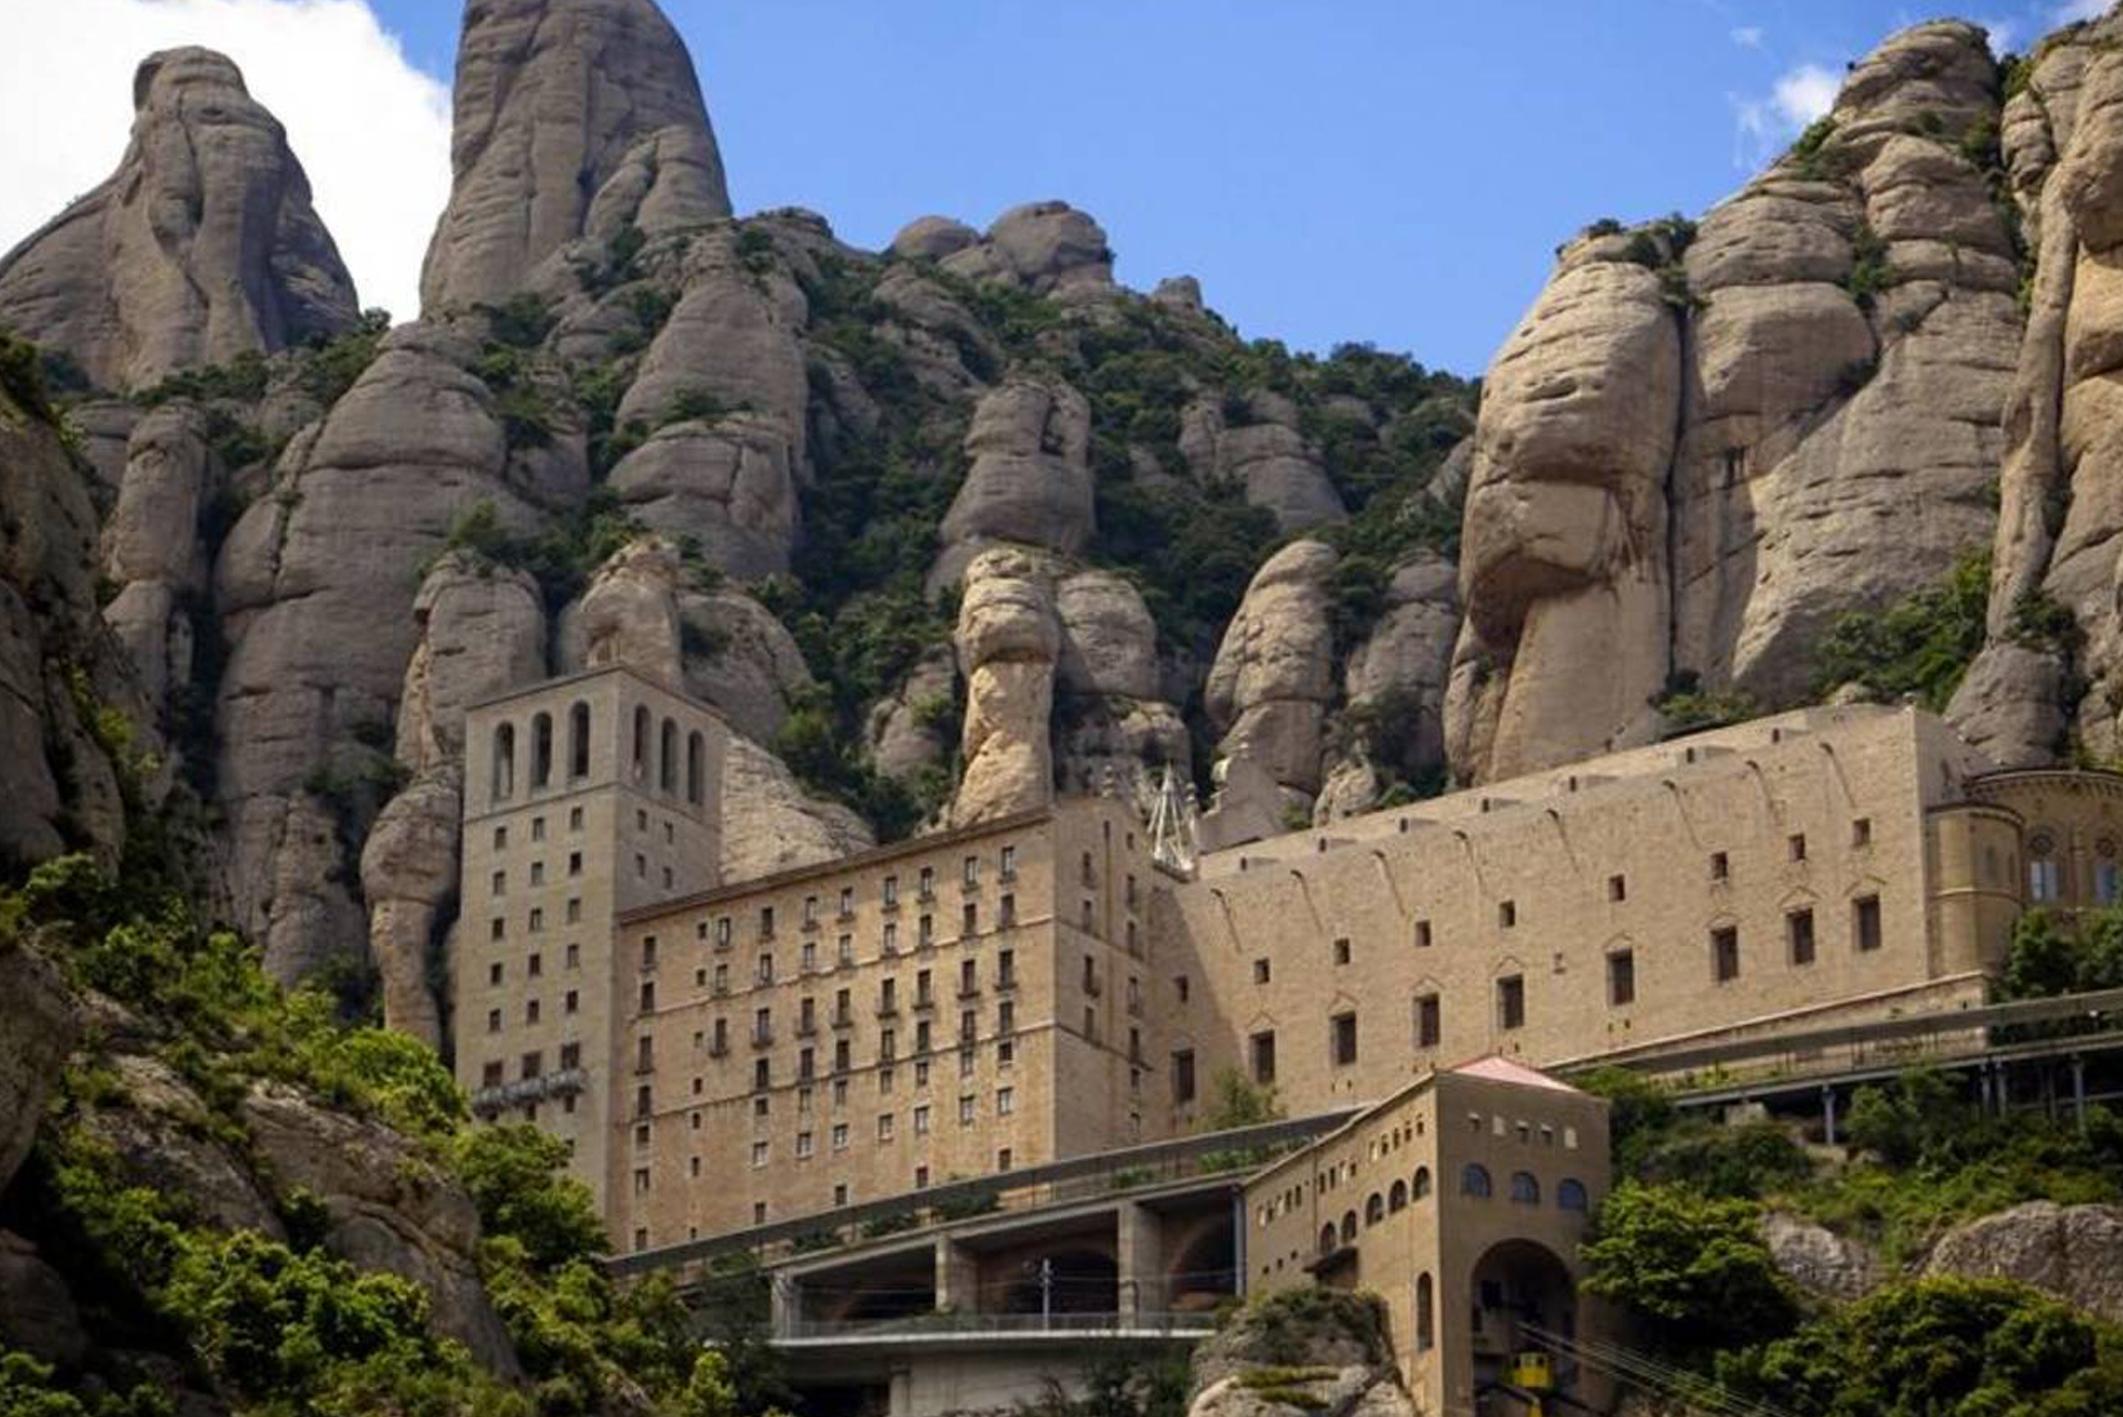 la-abadia-de-montserrat-gran-referencia-catalanista-opta-por-evitar-humillaciones